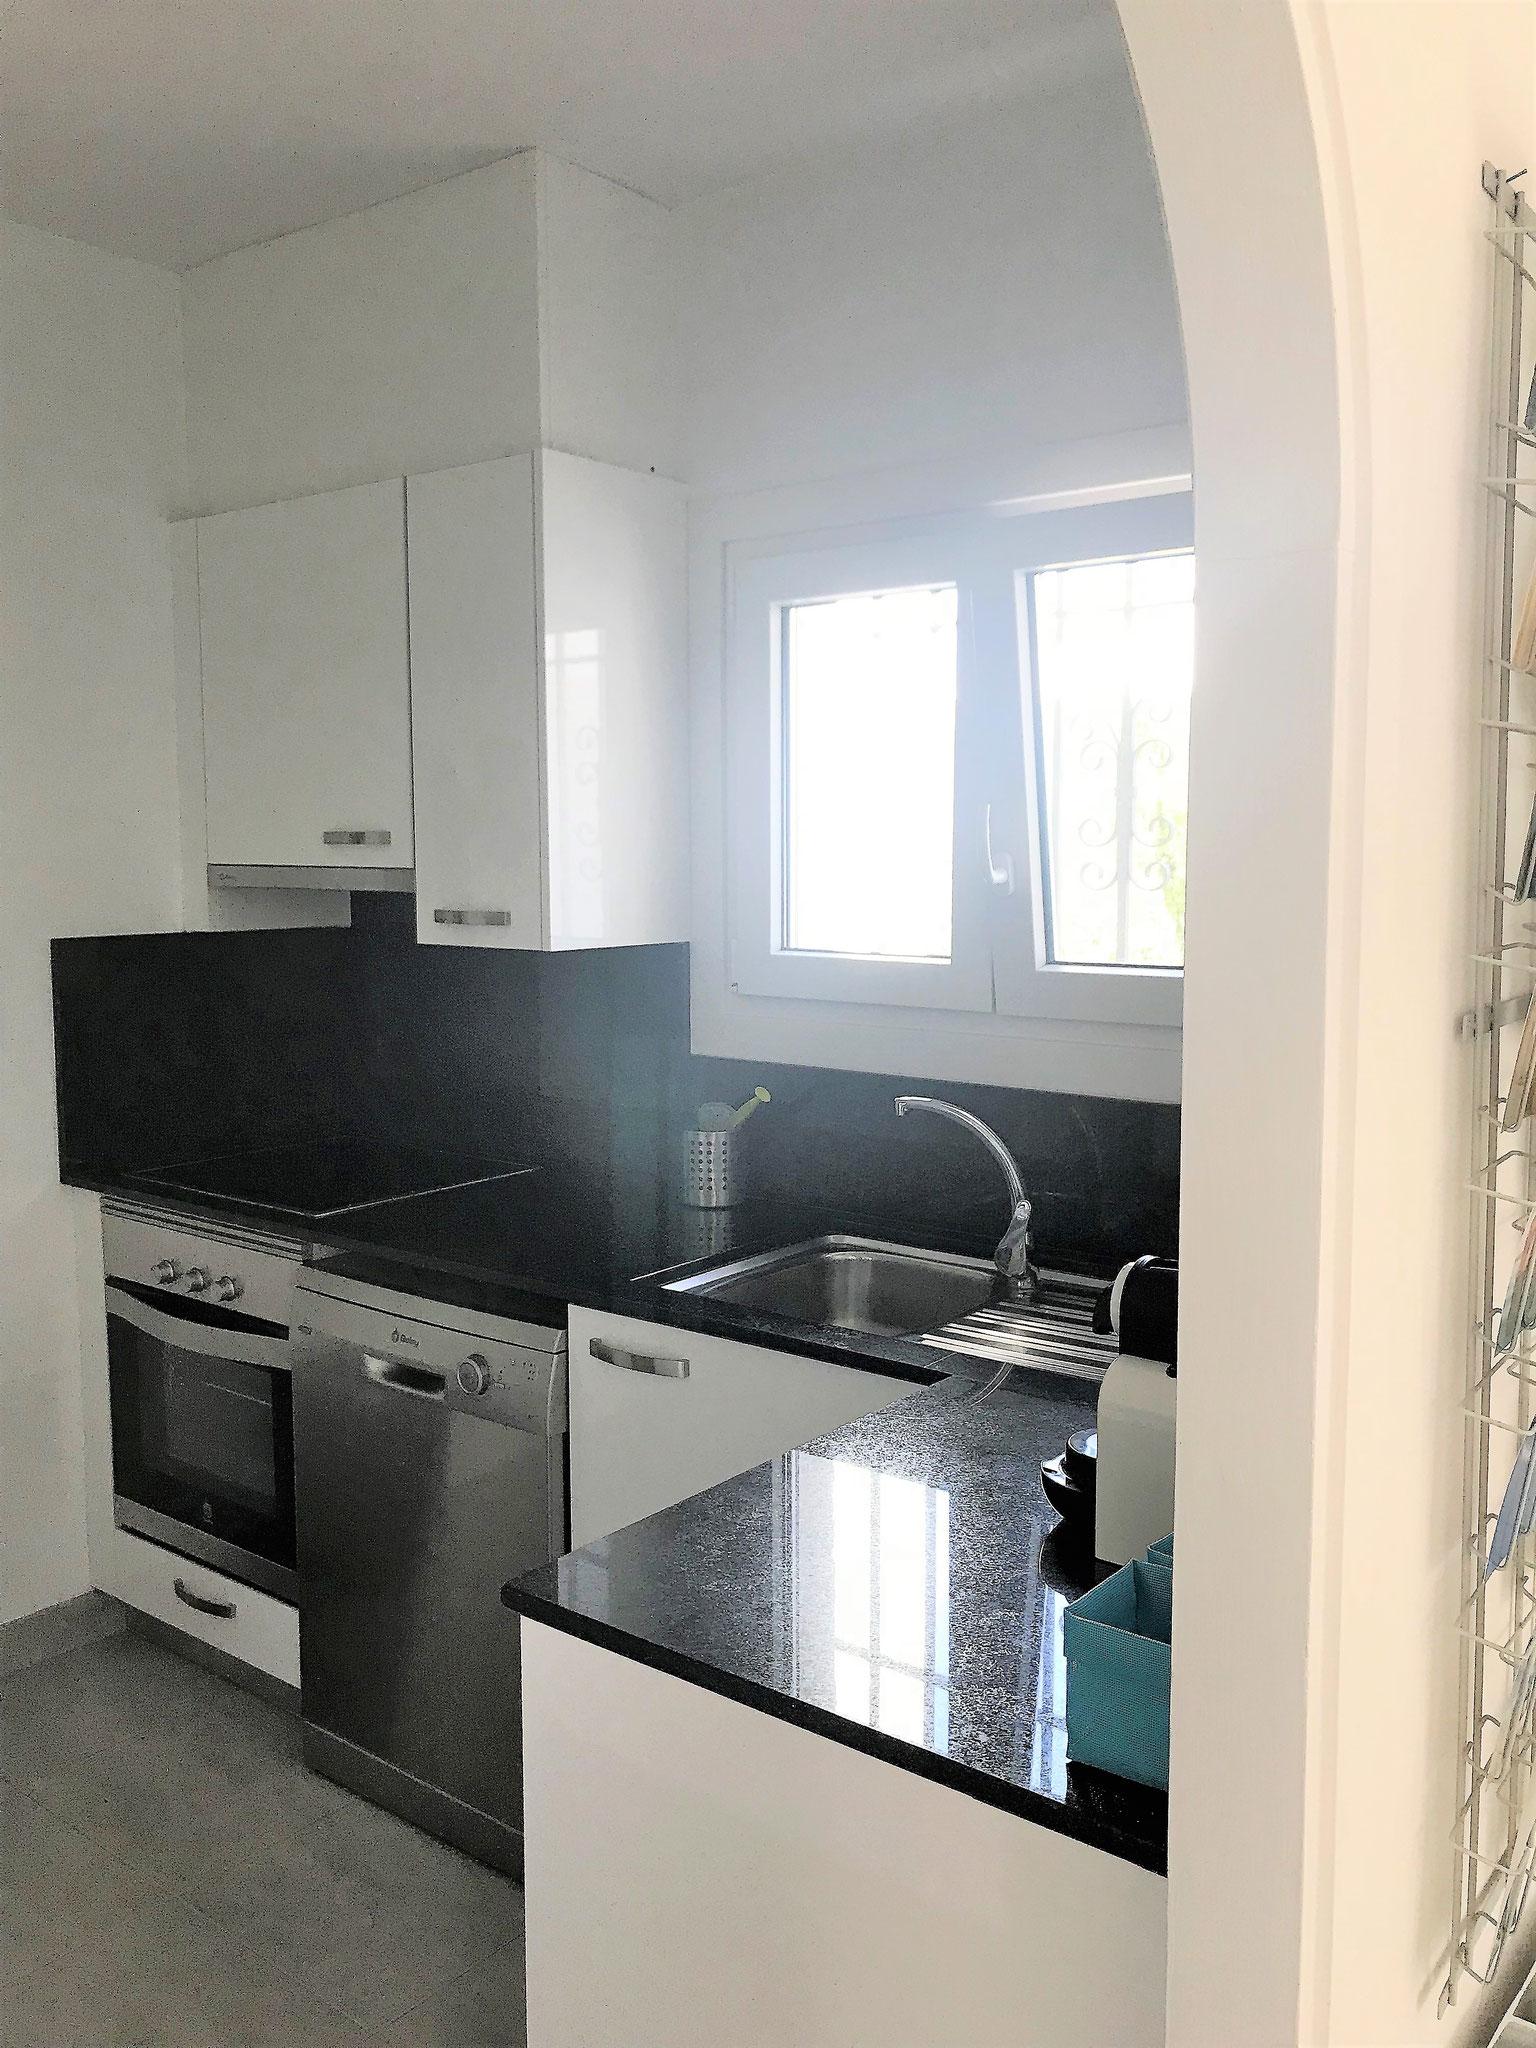 Küche mit Umluftbackofen und Abwaschmaschine